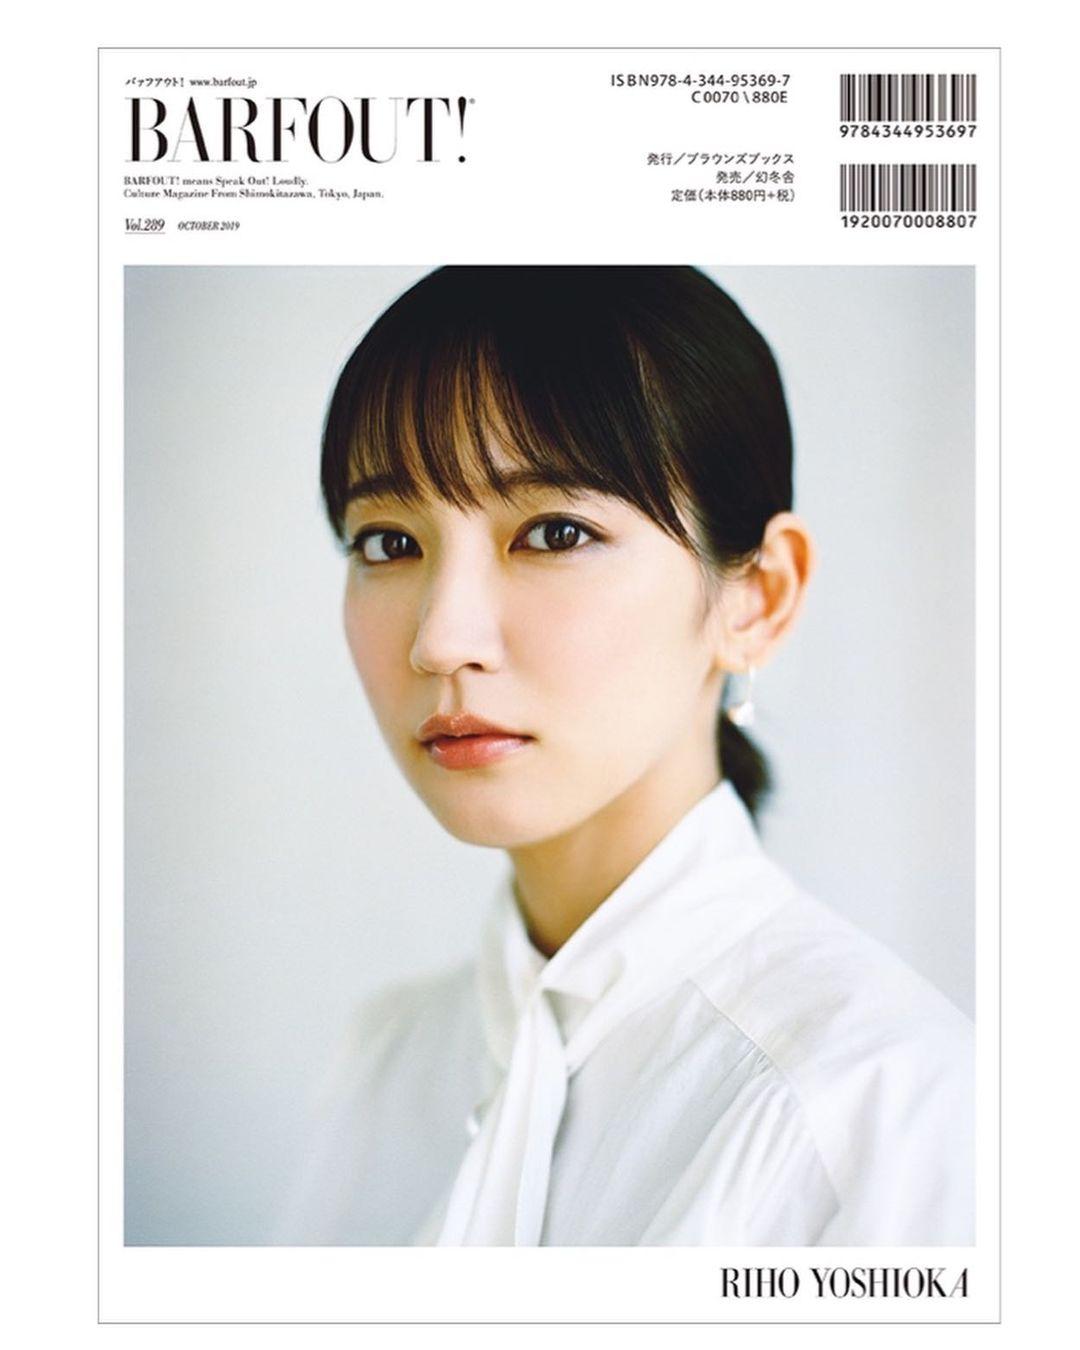 yoshioka_riho120.jpg